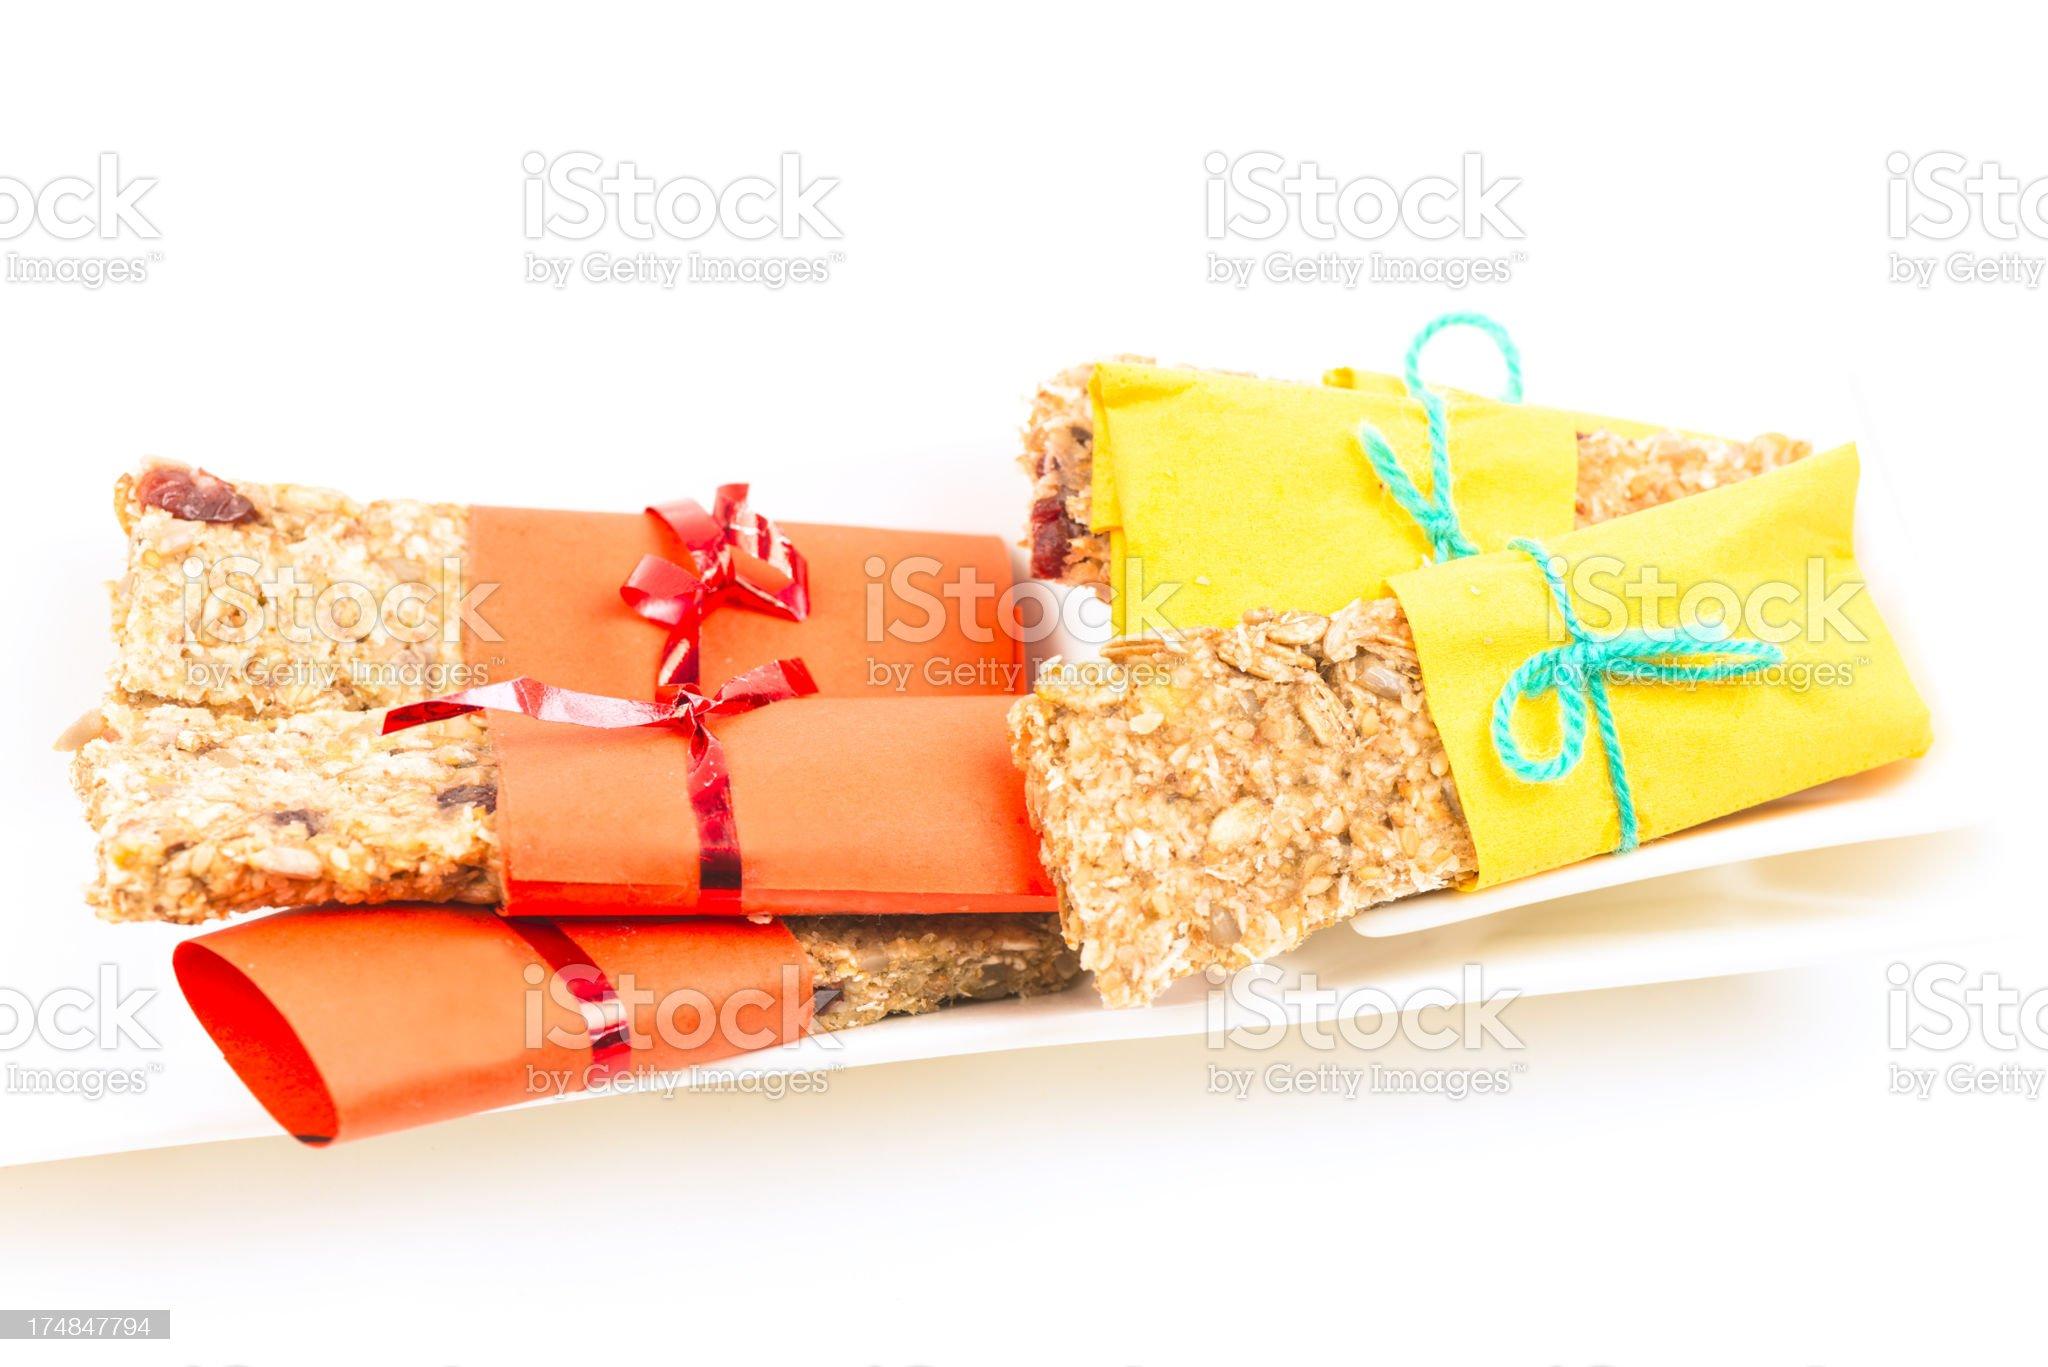 Granola bars royalty-free stock photo